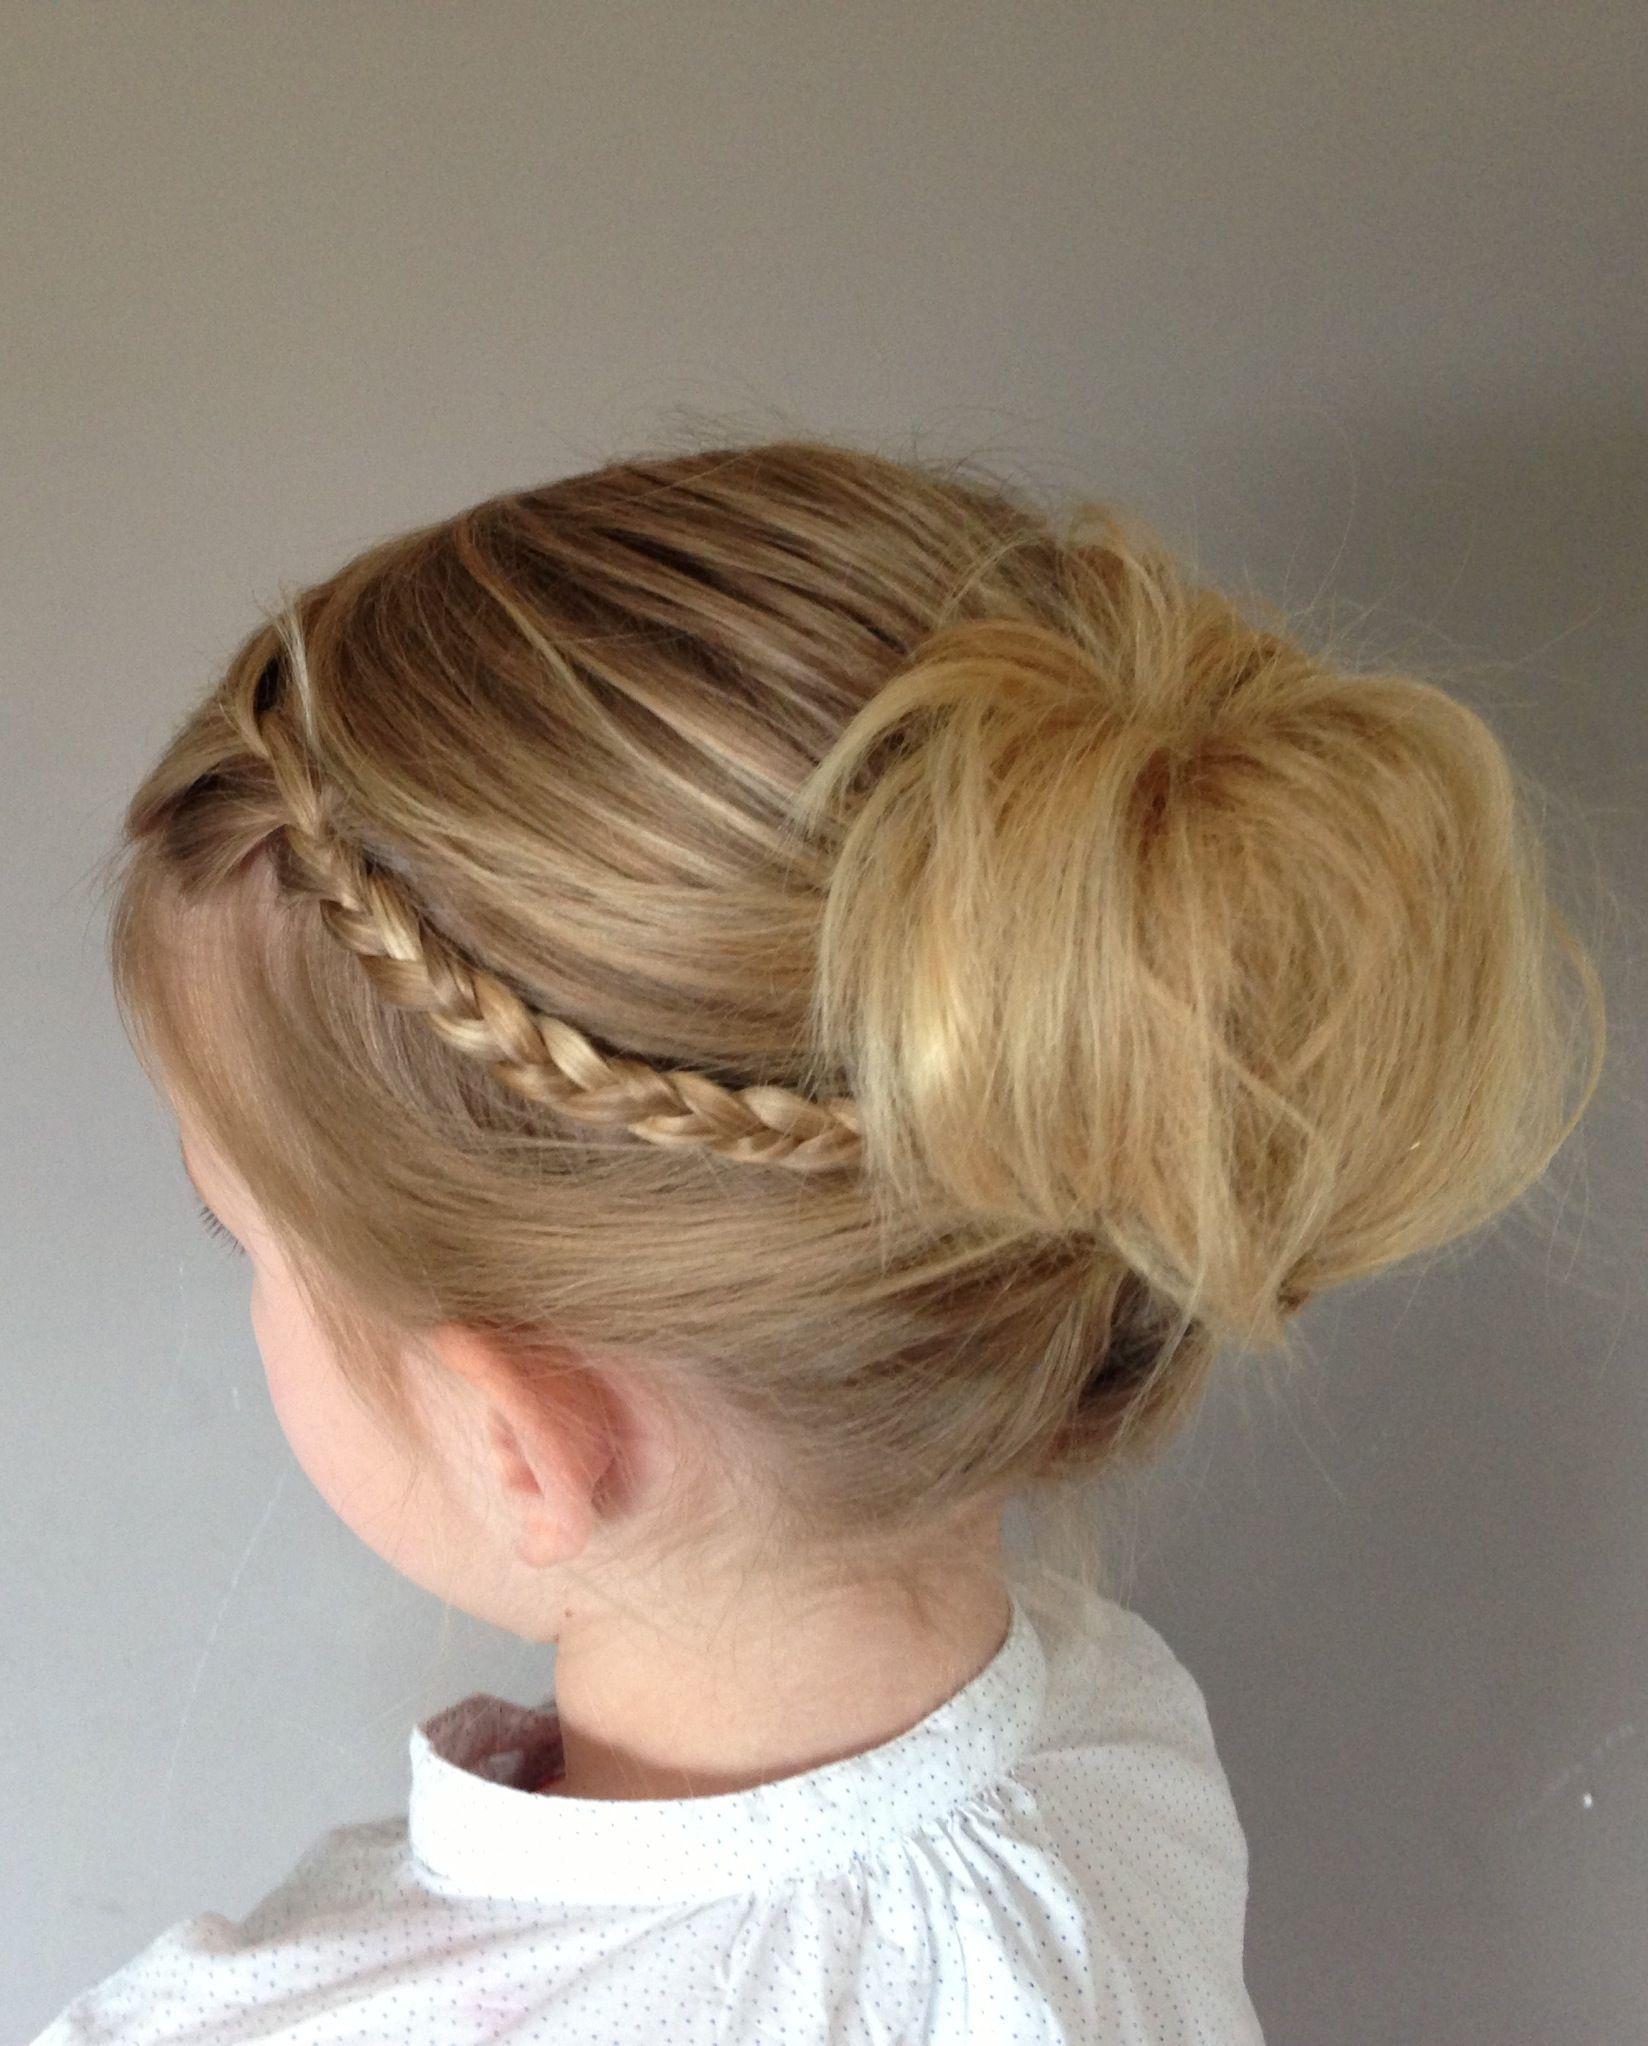 Bruidsmeisje kapsel | Bruidsmeisjes | Pinterest | Hair ...